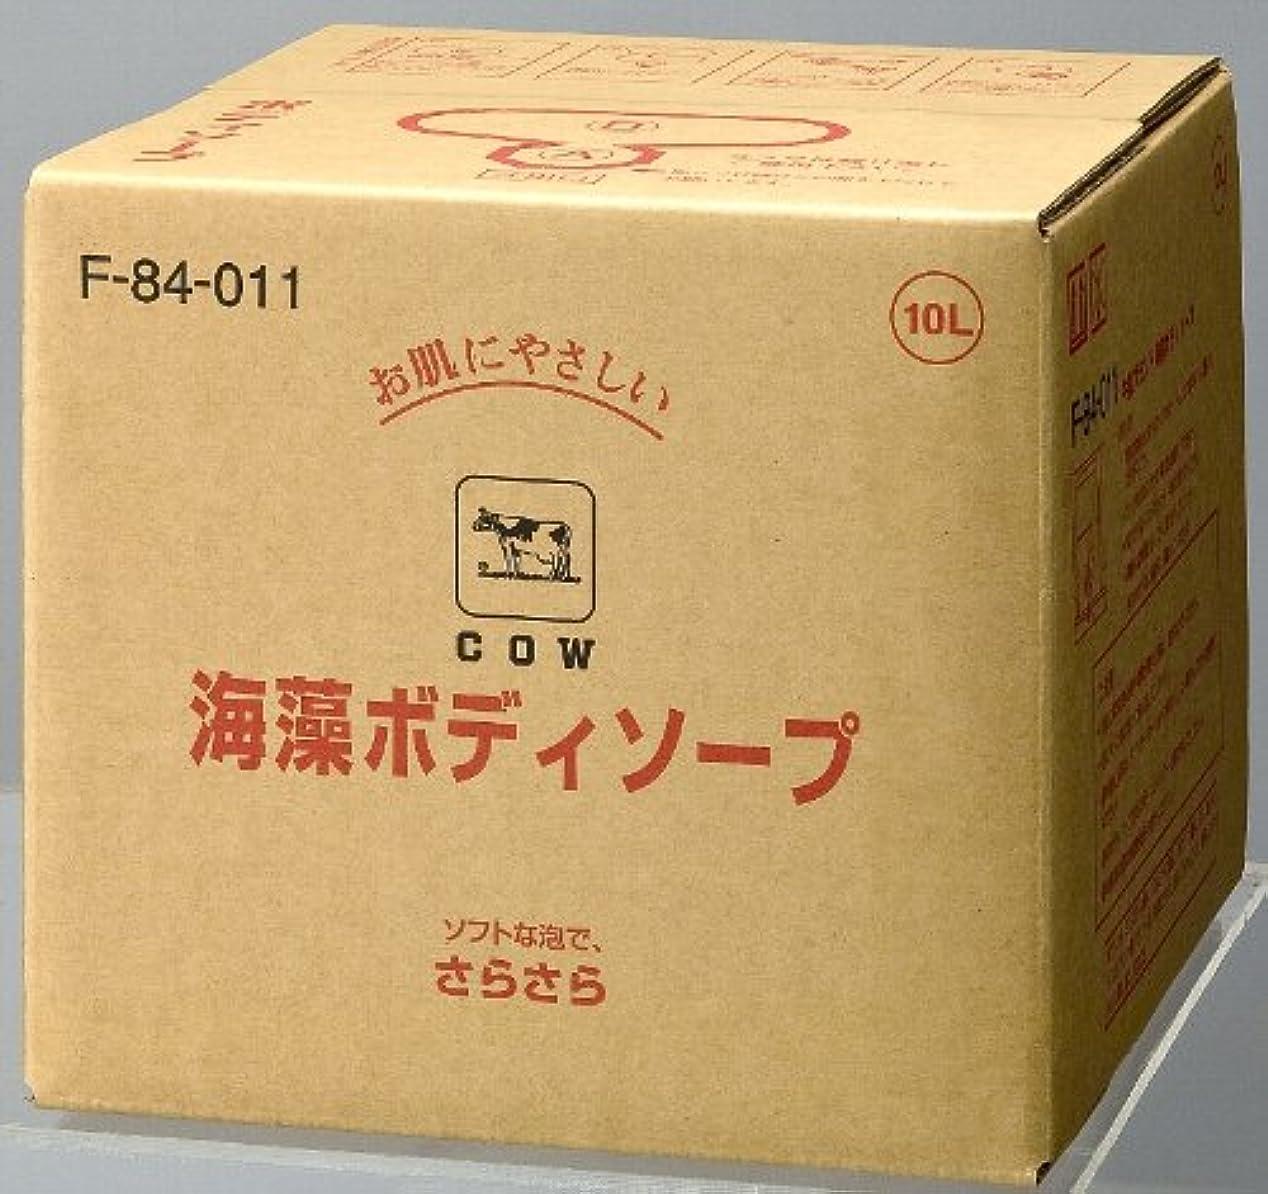 ジョリー博覧会消す【業務用】カウブランド海藻ボディソープ 10L